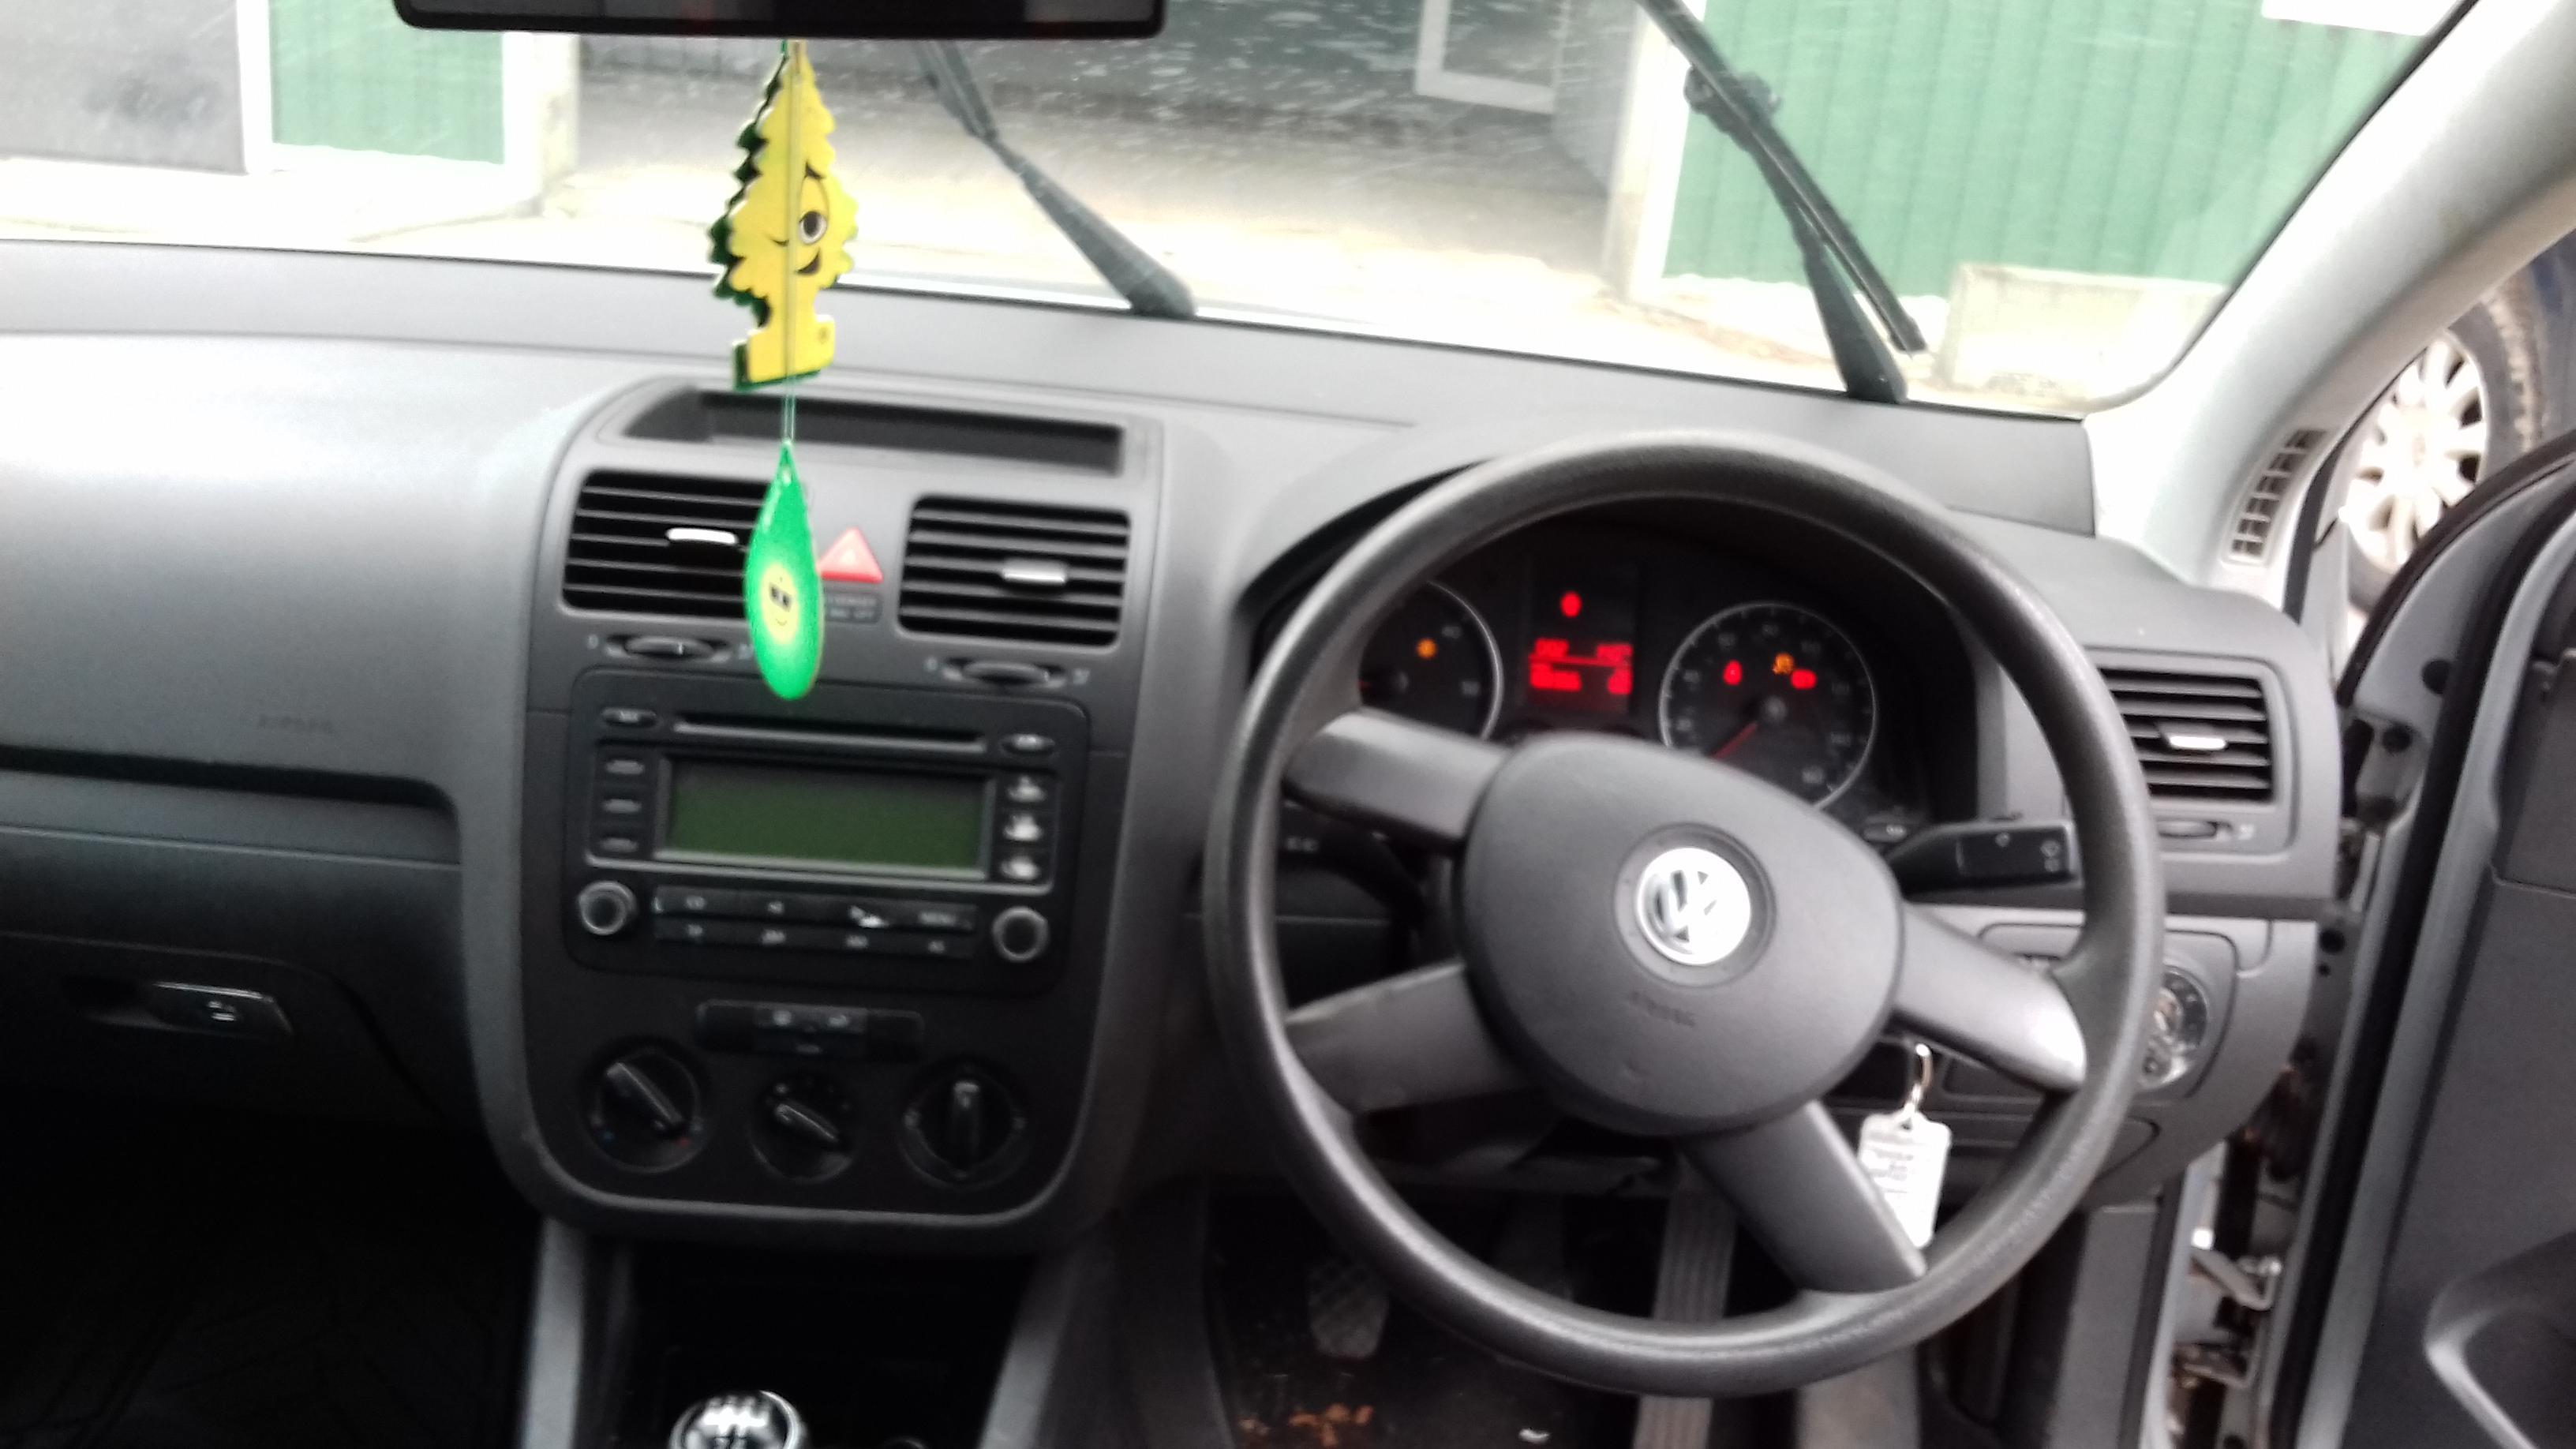 Подержанные Автозапчасти Foto 8 Volkswagen GOLF 2005 1.9 машиностроение хэтчбэк 4/5 d. серебро 2019-7-10 A4616